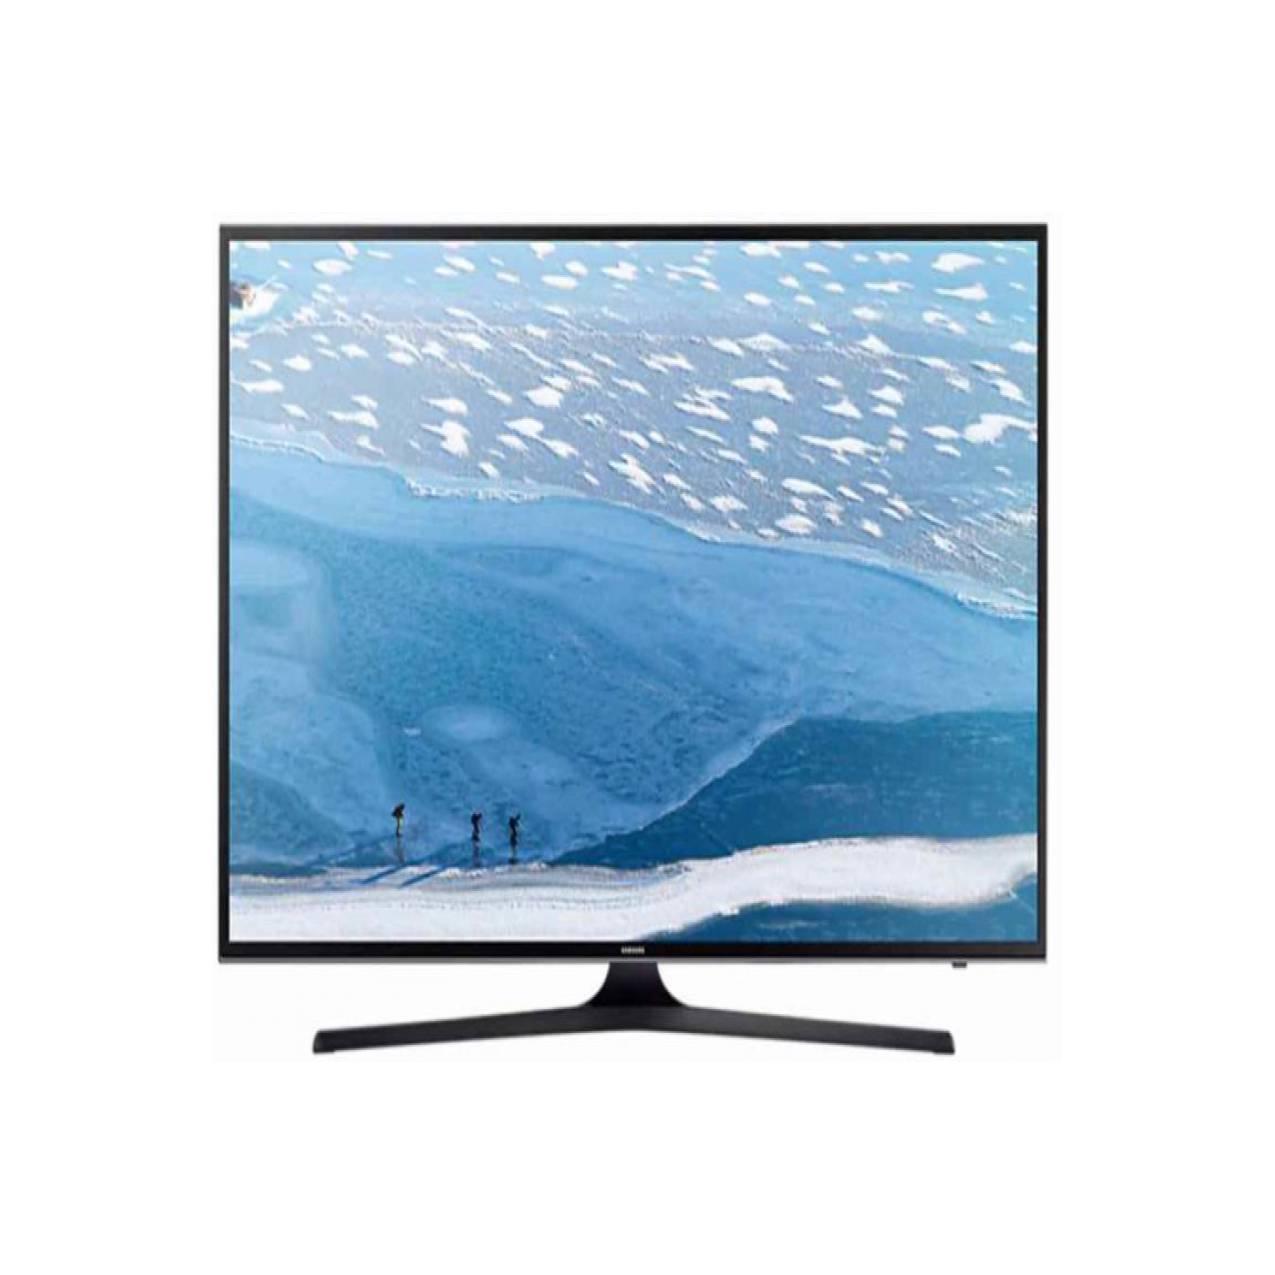 TV Samsung 40KU6000 UHD 4K Flat 40 Inch Smart TV